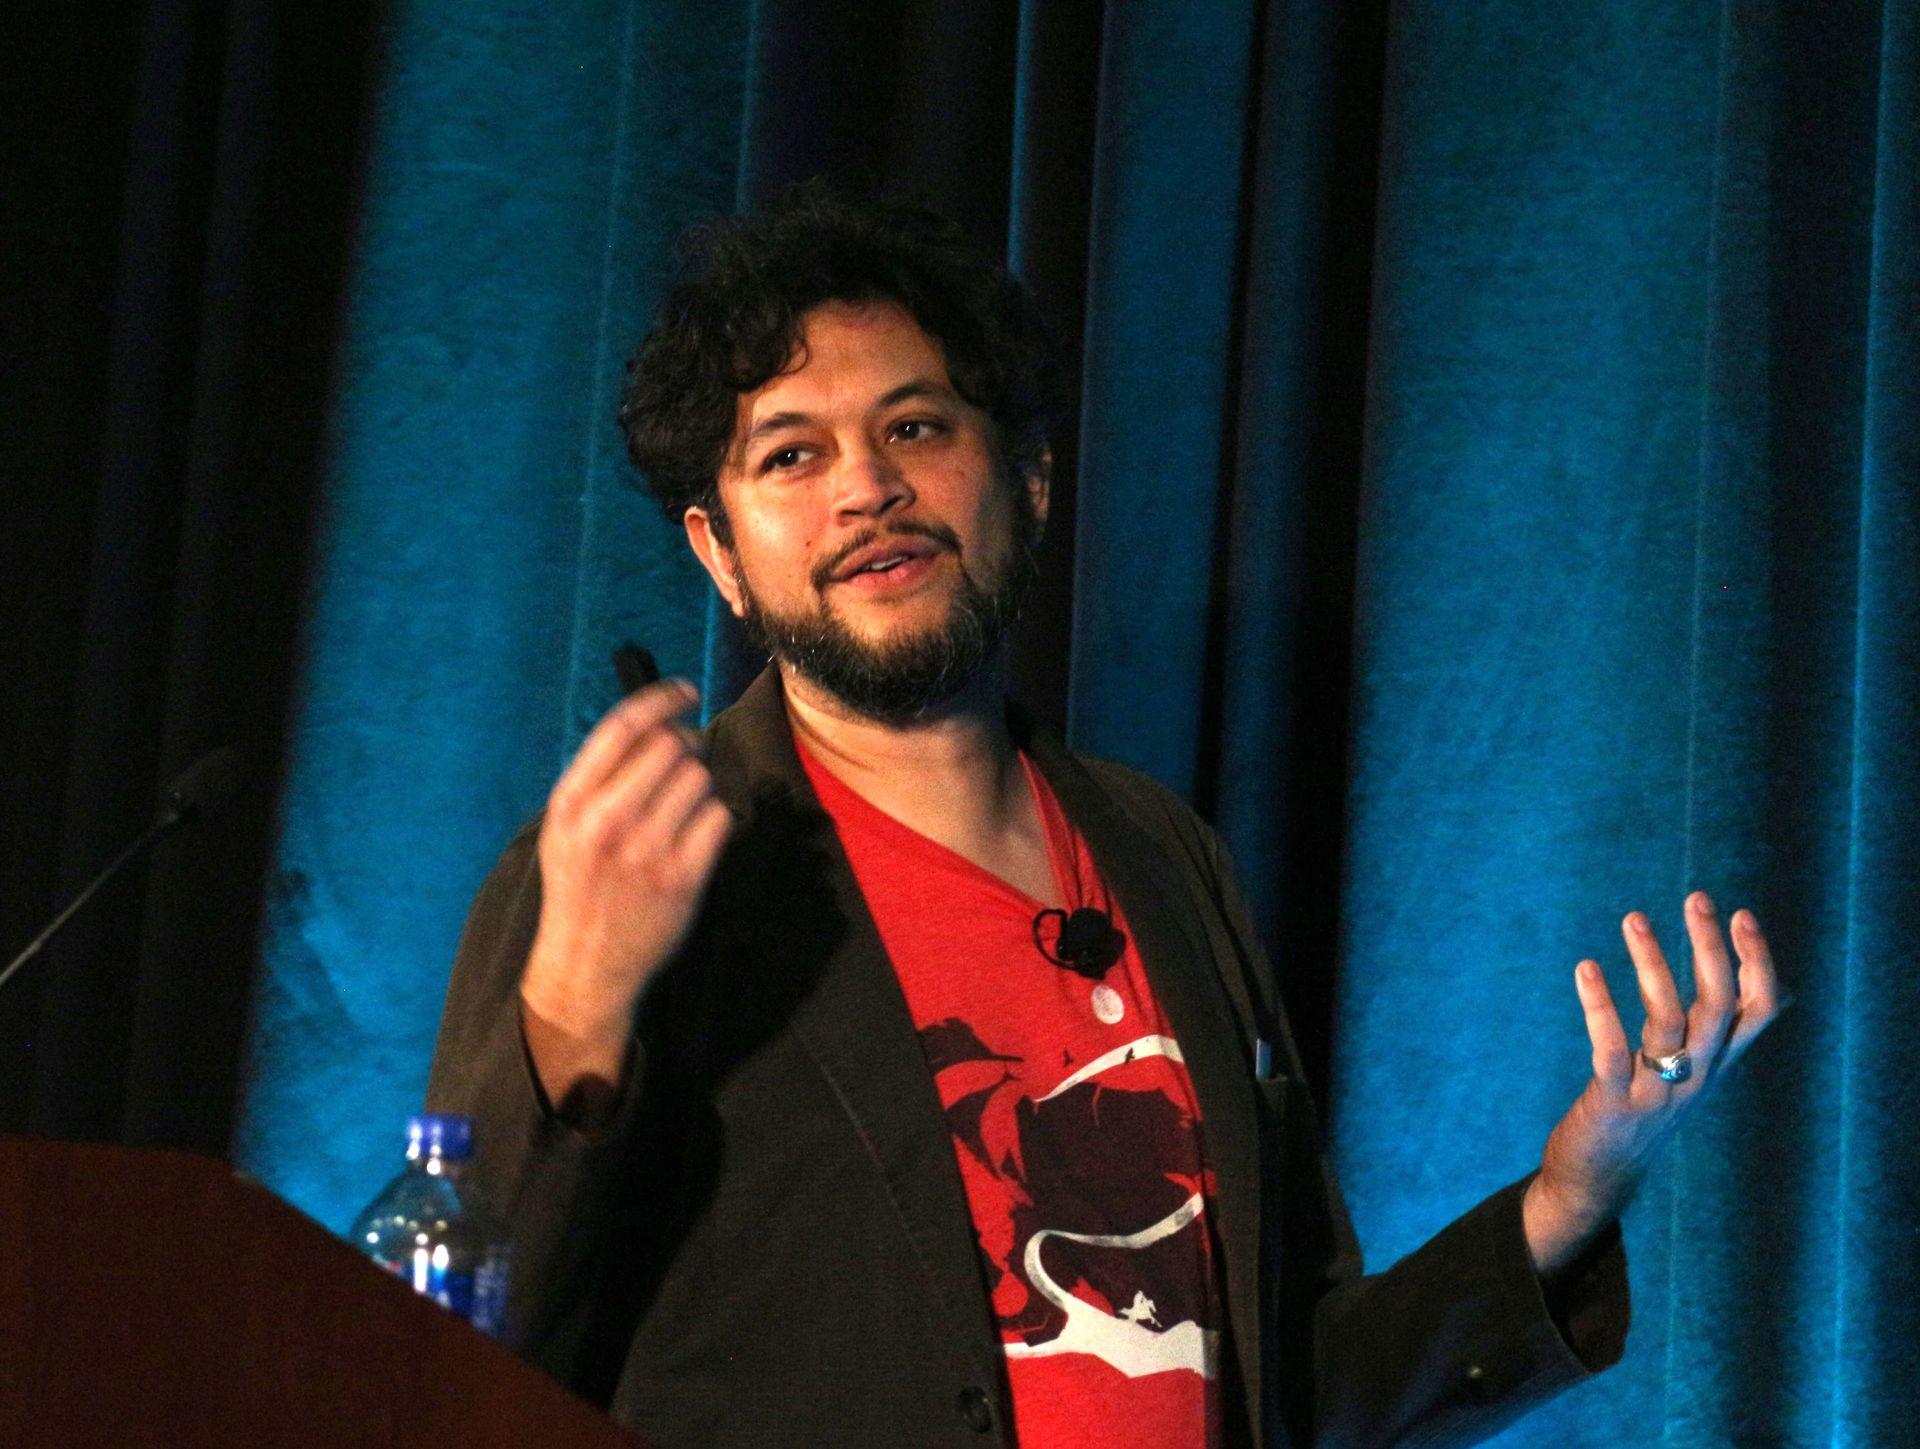 セッションスピーカーを務めたAmazon Alexa ソフトウェアエンジニア Chris Subagio氏